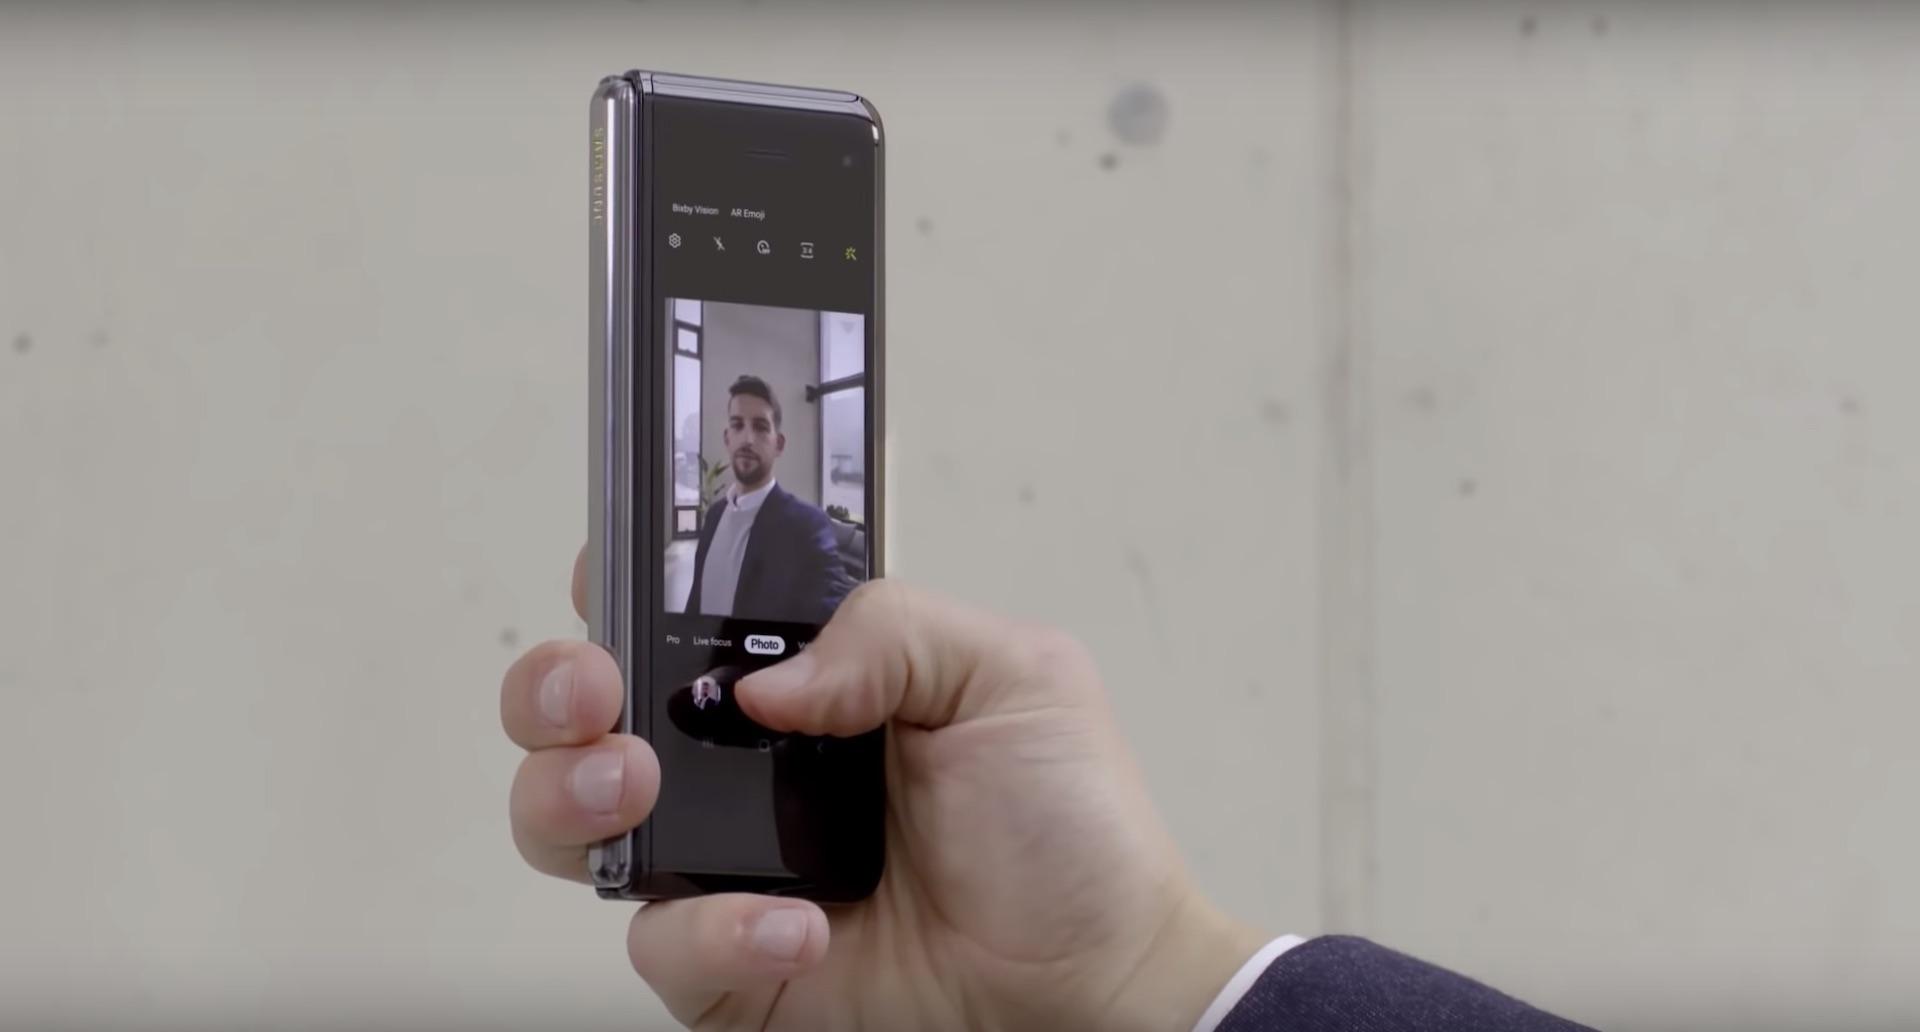 Regardez le Samsung Galaxy Fold se plier et se replier dans cette nouvelle vidéo très ASMR - Tech